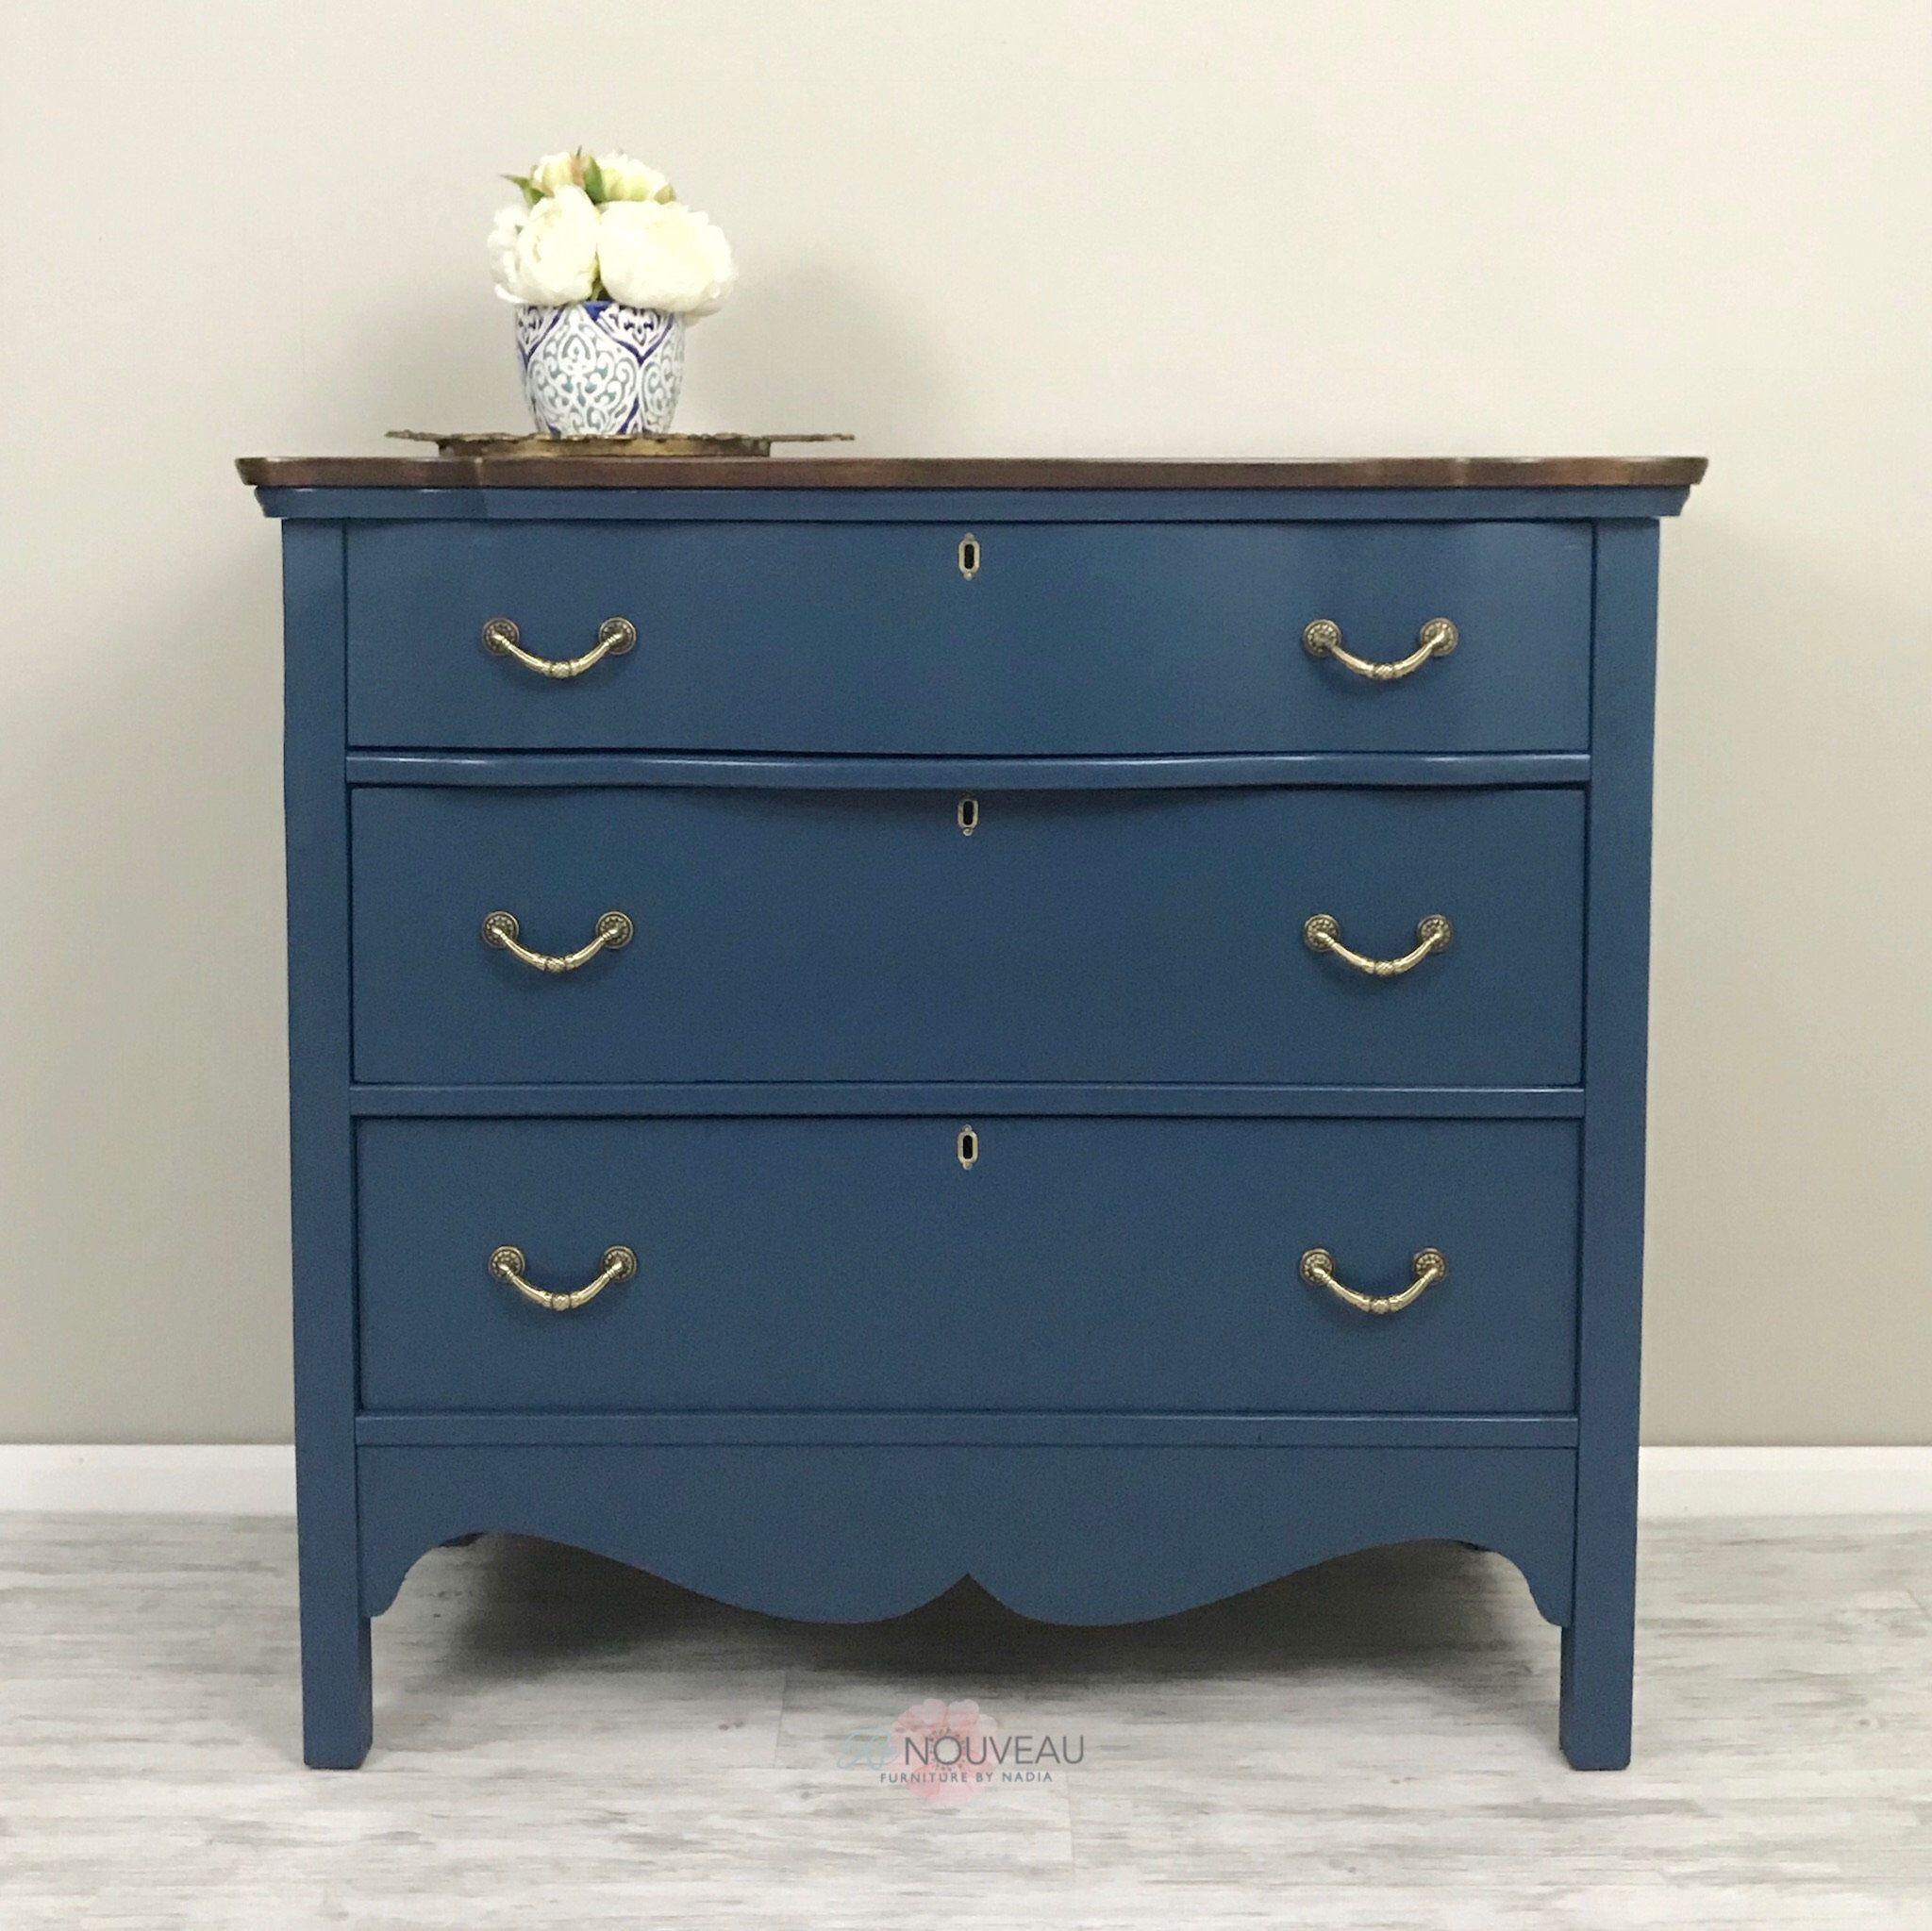 Sold Vintage Dresser Antique Furniture Chest Of Drawers Dark Blue Dresser Painted Furniture Home Decor Bedroom Decor C Blue Furniture Vintage Dressers Blue Chest Of Drawers [ 2047 x 2048 Pixel ]